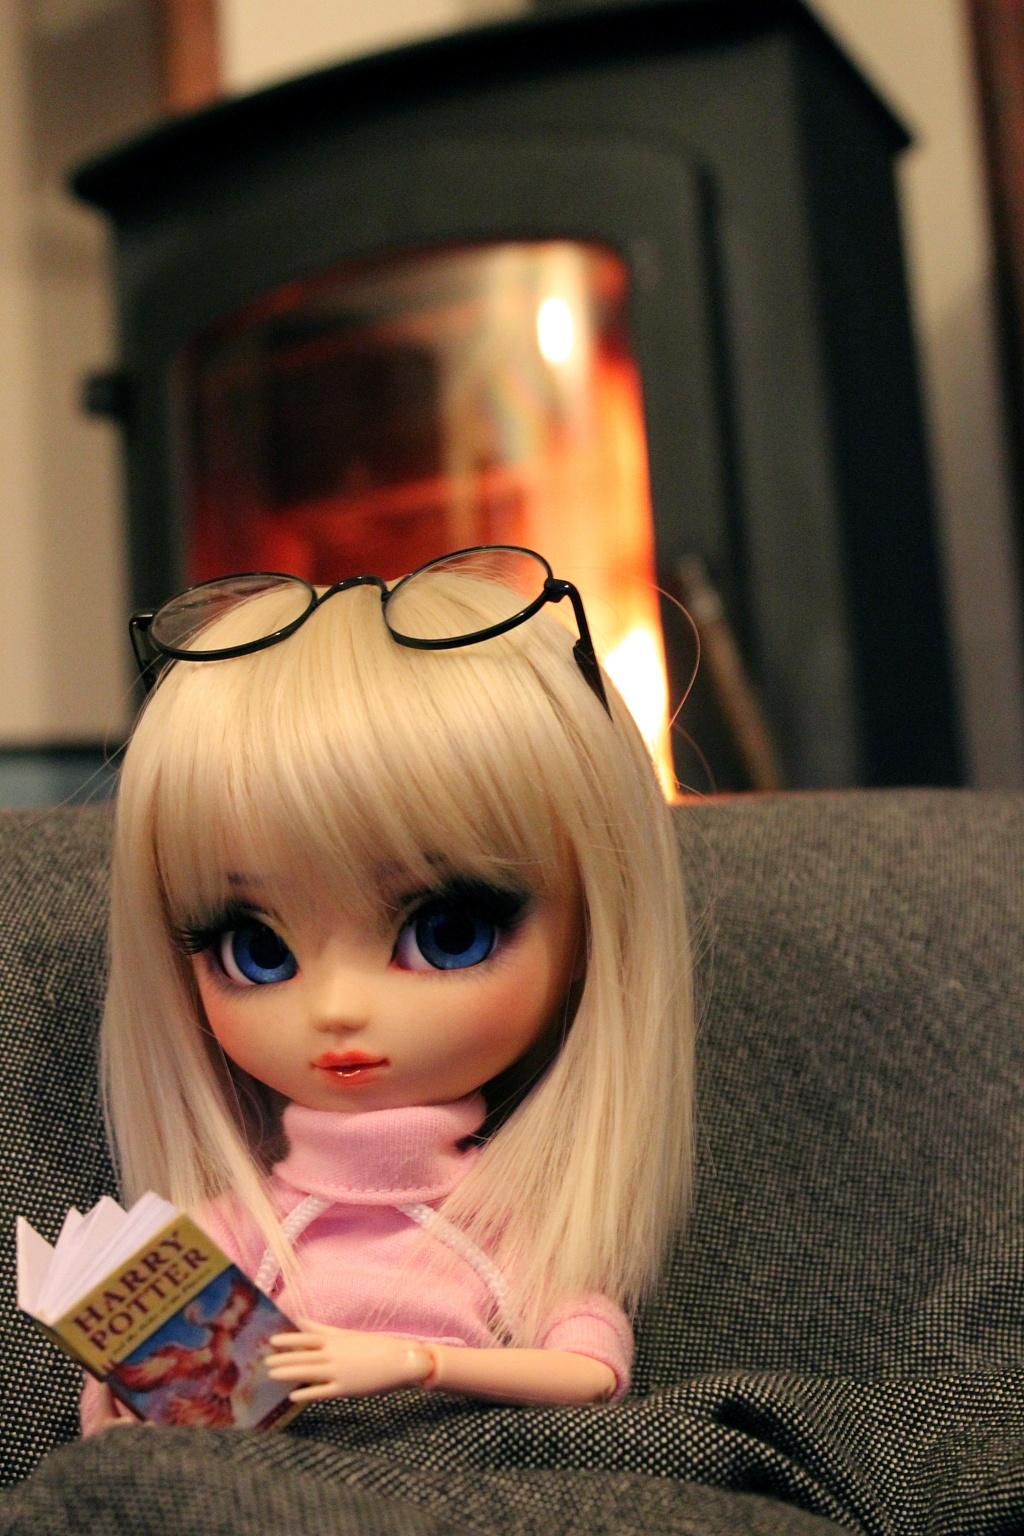 VENDU Pullip FC Kikyo doll's Img_8311